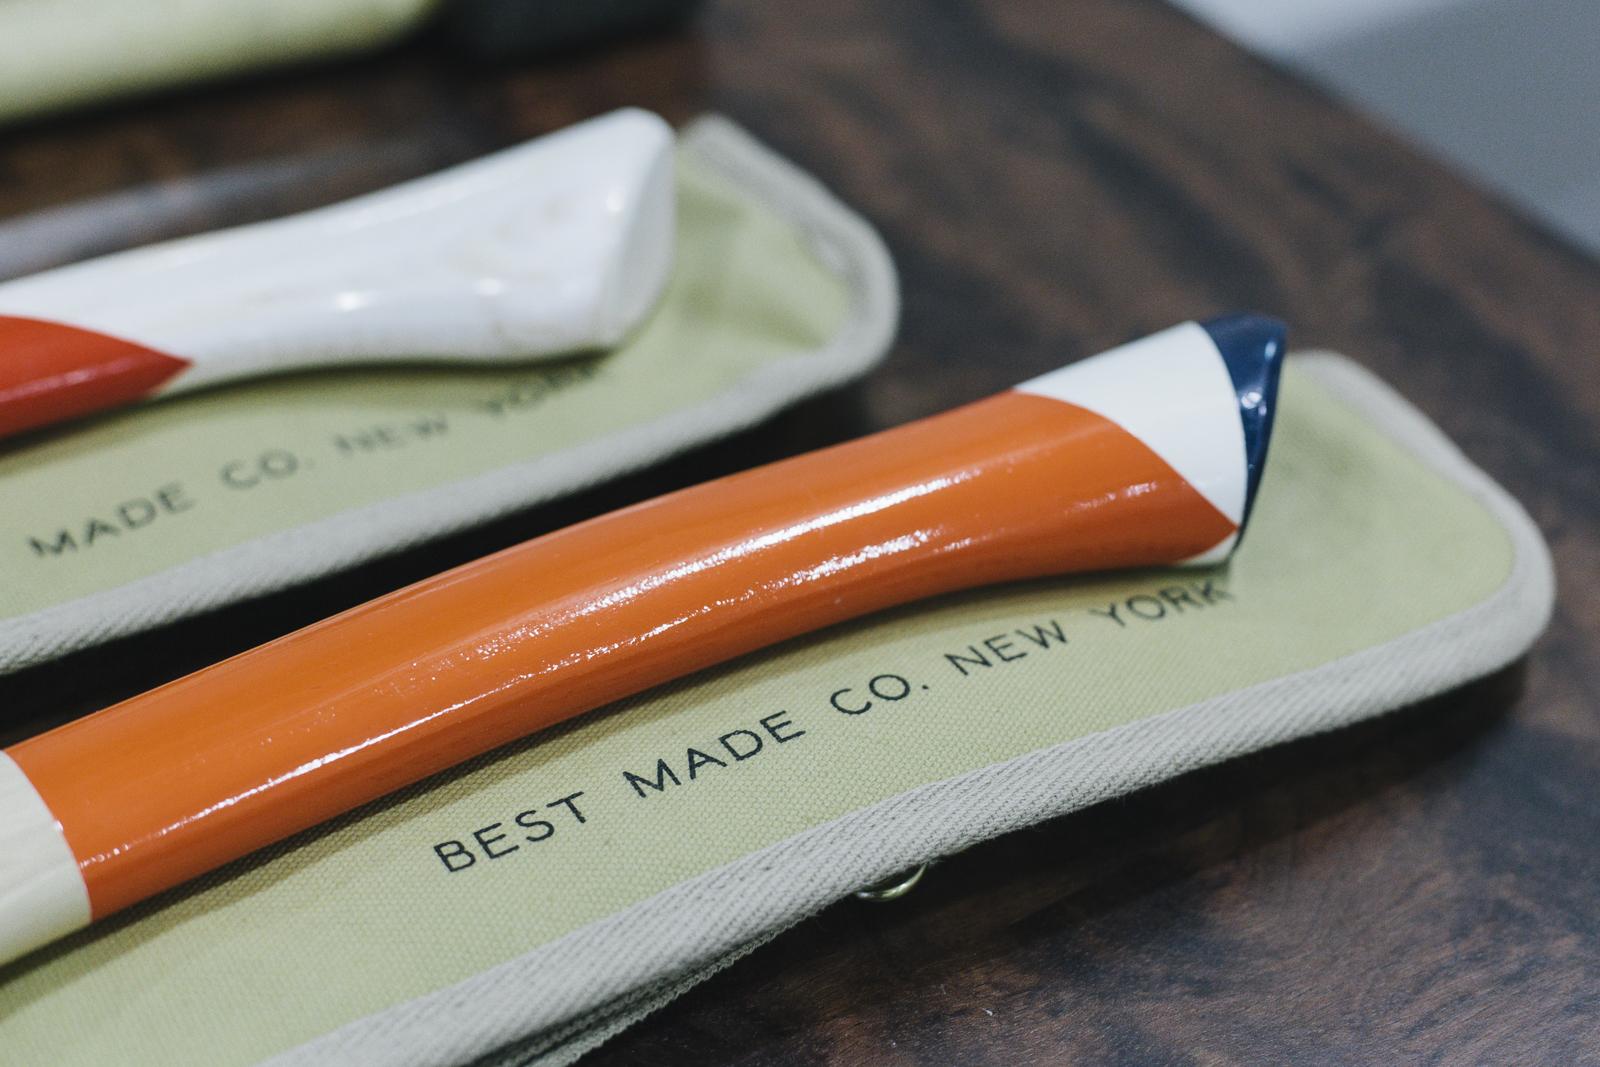 201211 Best Made 004-2.jpg